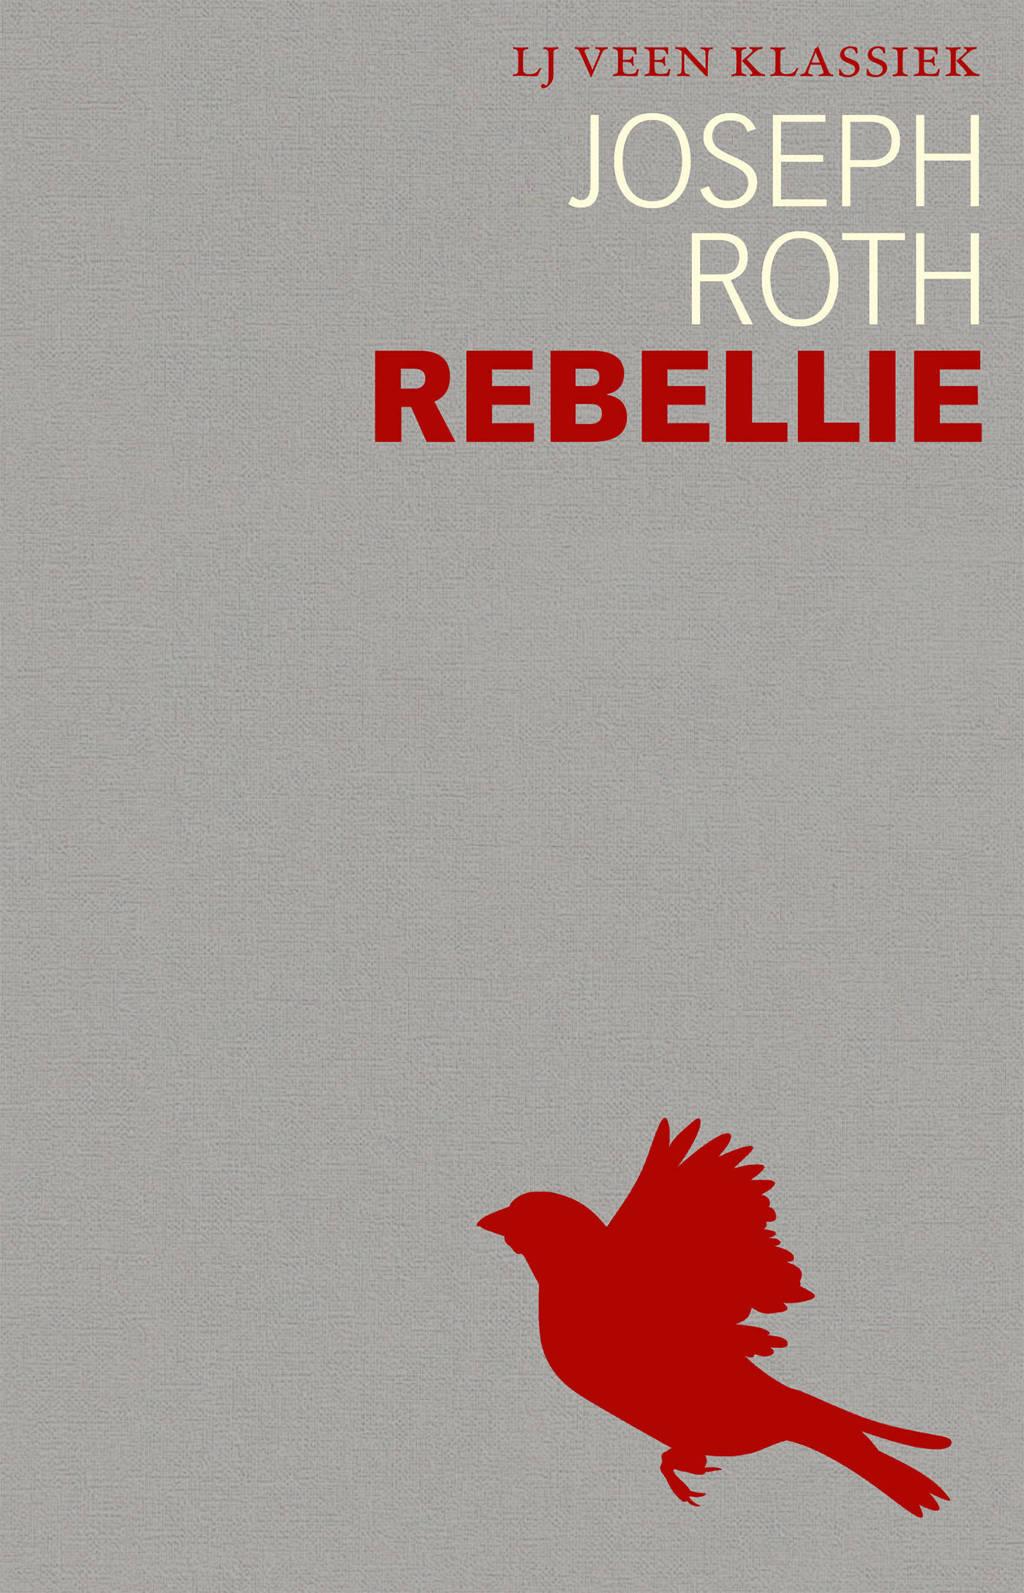 LJ Veen Klassiek: Rebellie - Joseph Roth